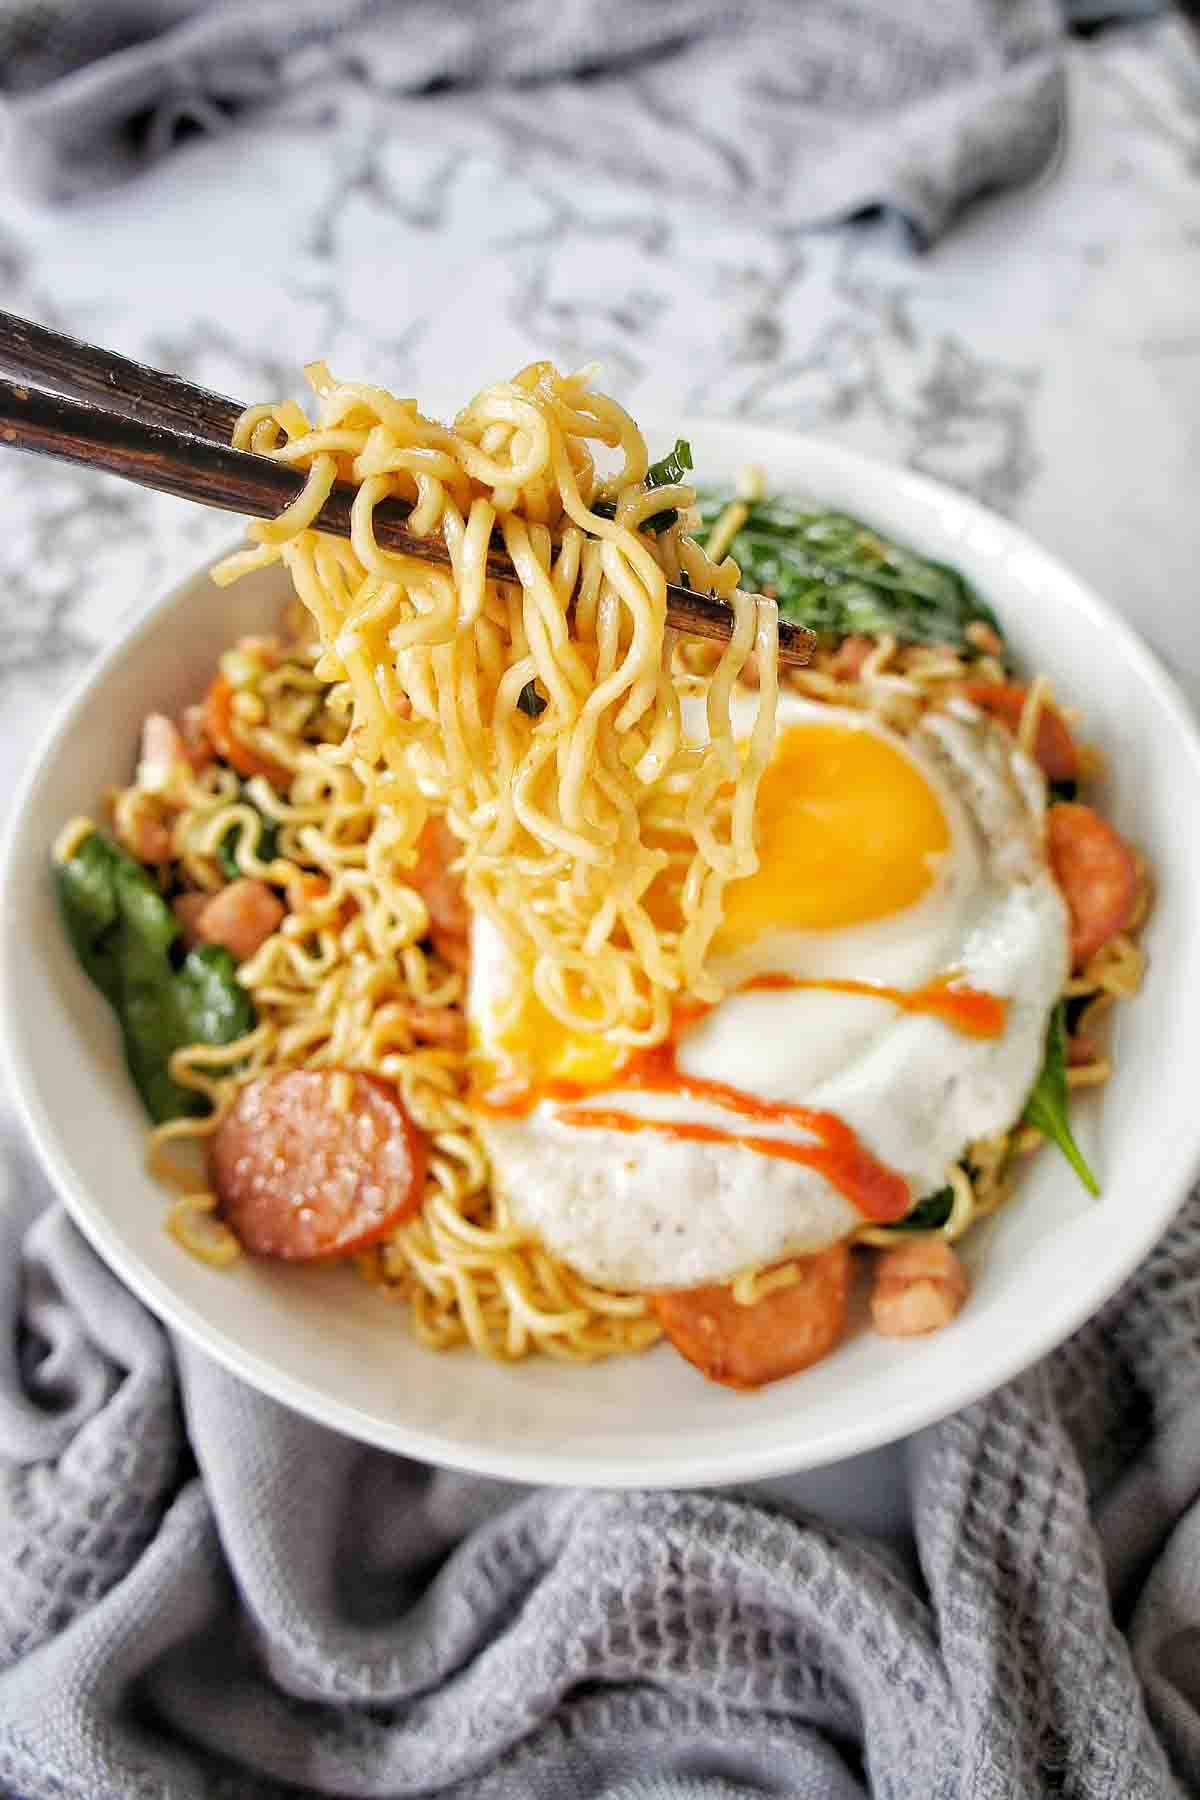 Chopsticks holding noodles above bowl of the same